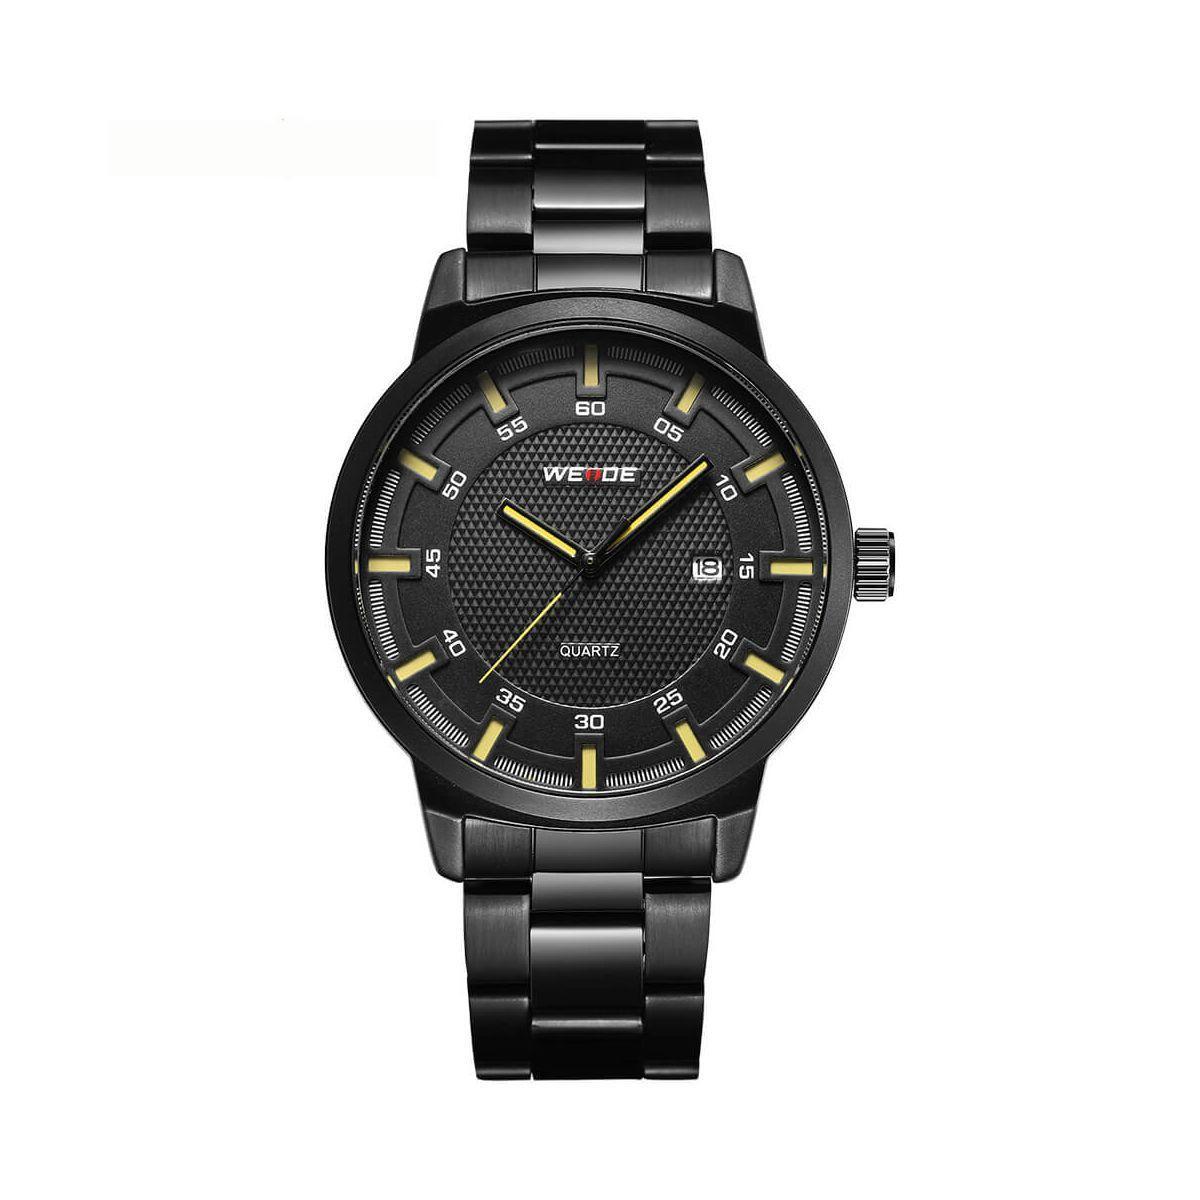 Часы Weide Yellow WD002B-3C SS (WD002B-3C)